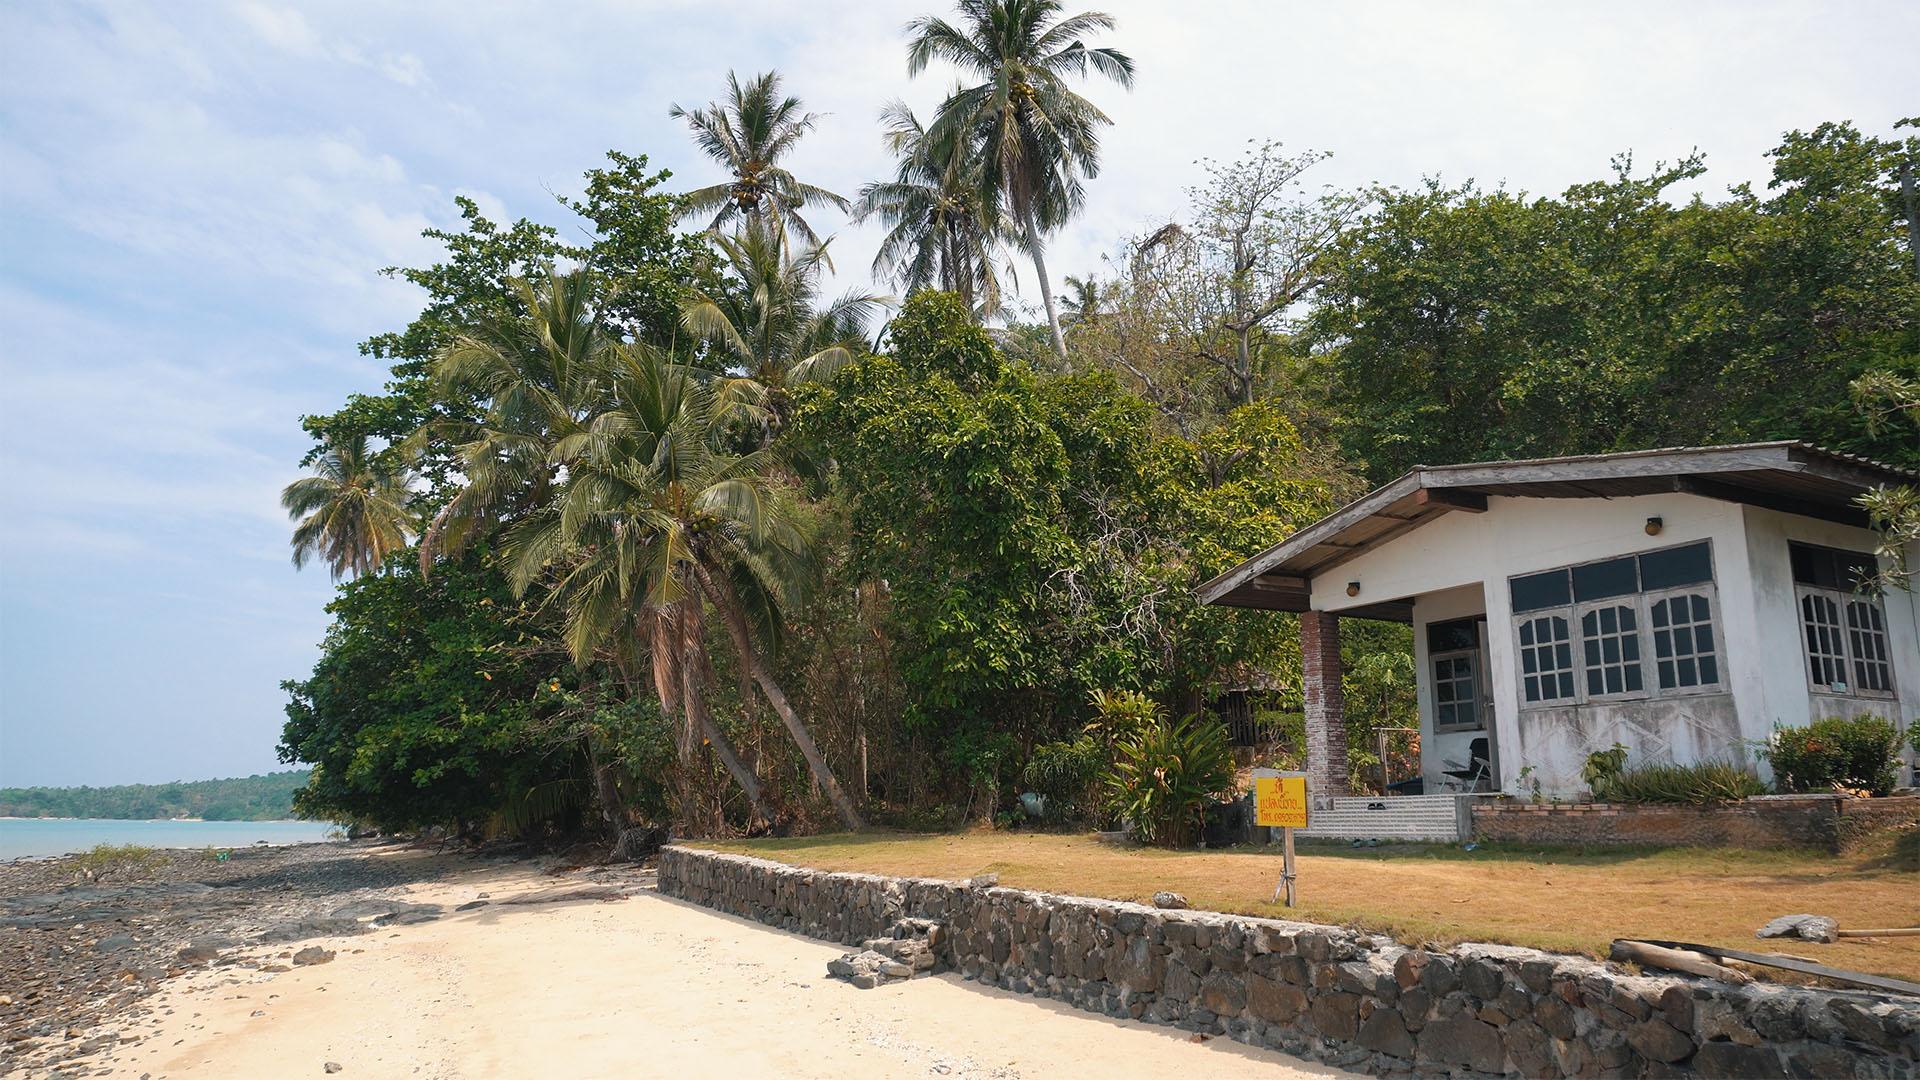 Haus mit Palmen auf Koh Maphrao